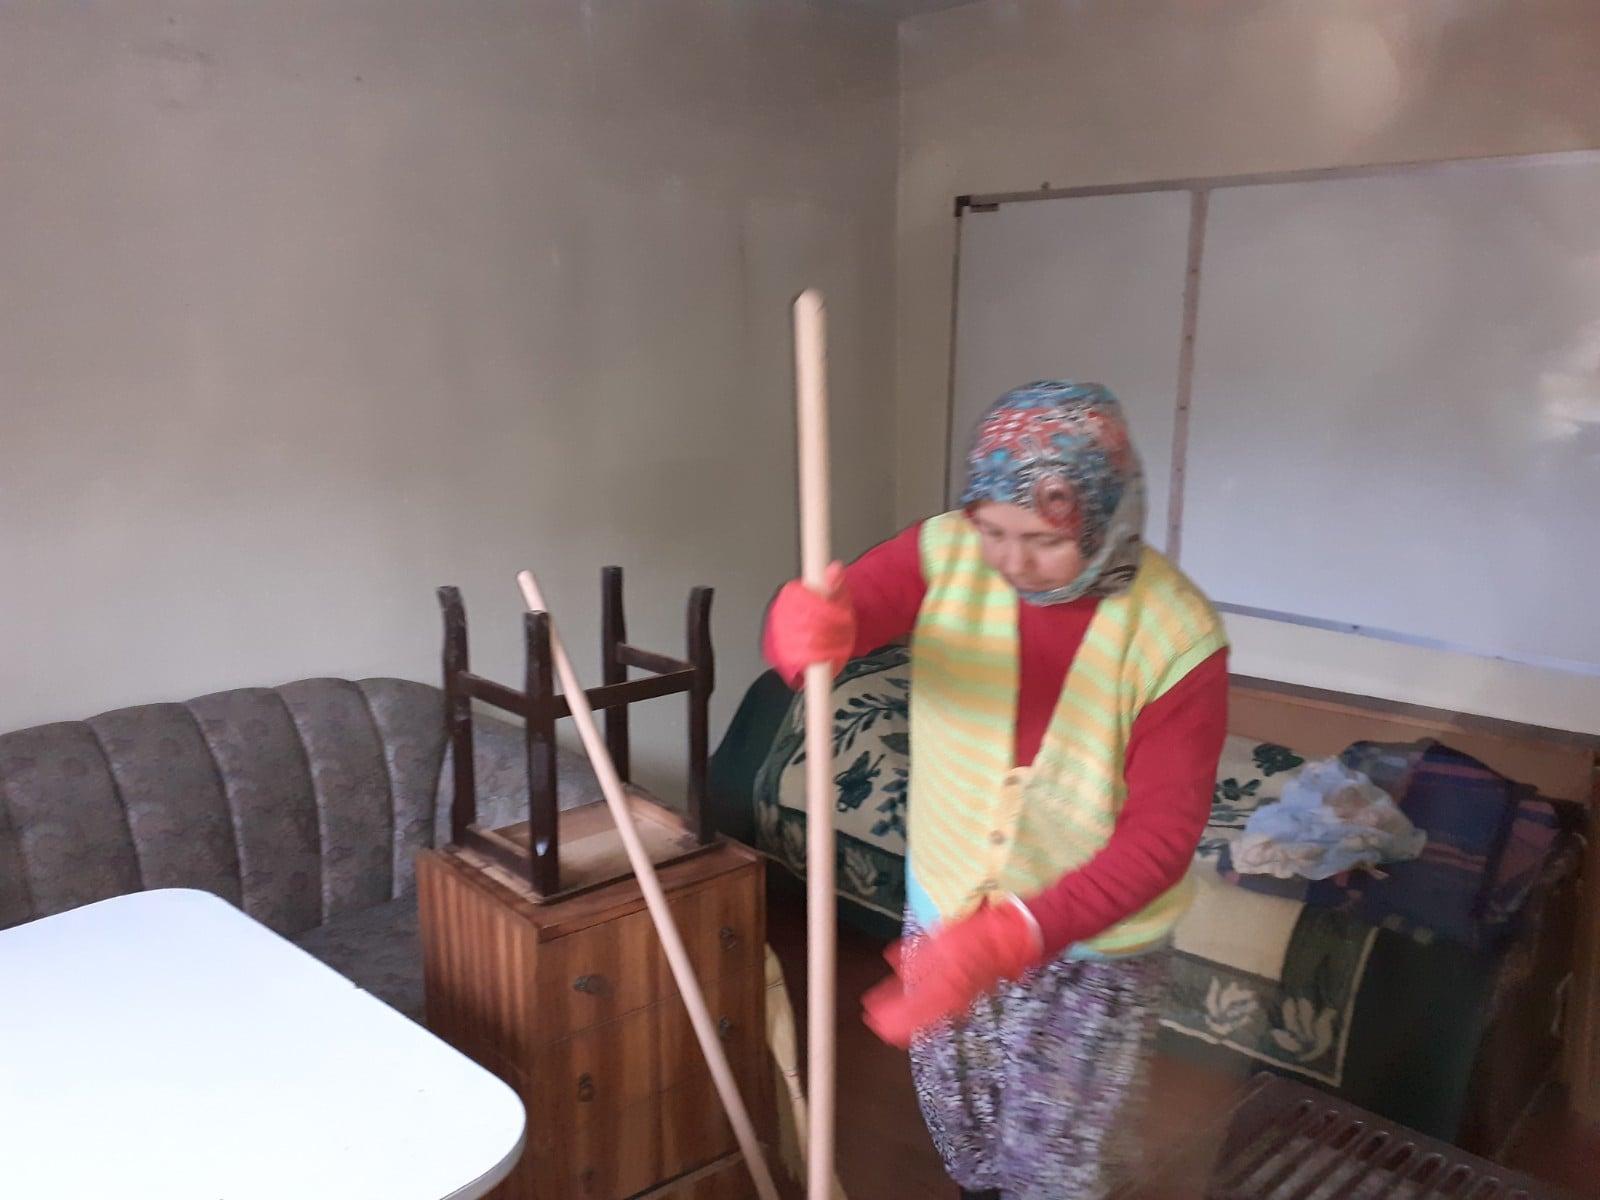 Burhaniye De Evler Temizleniyor